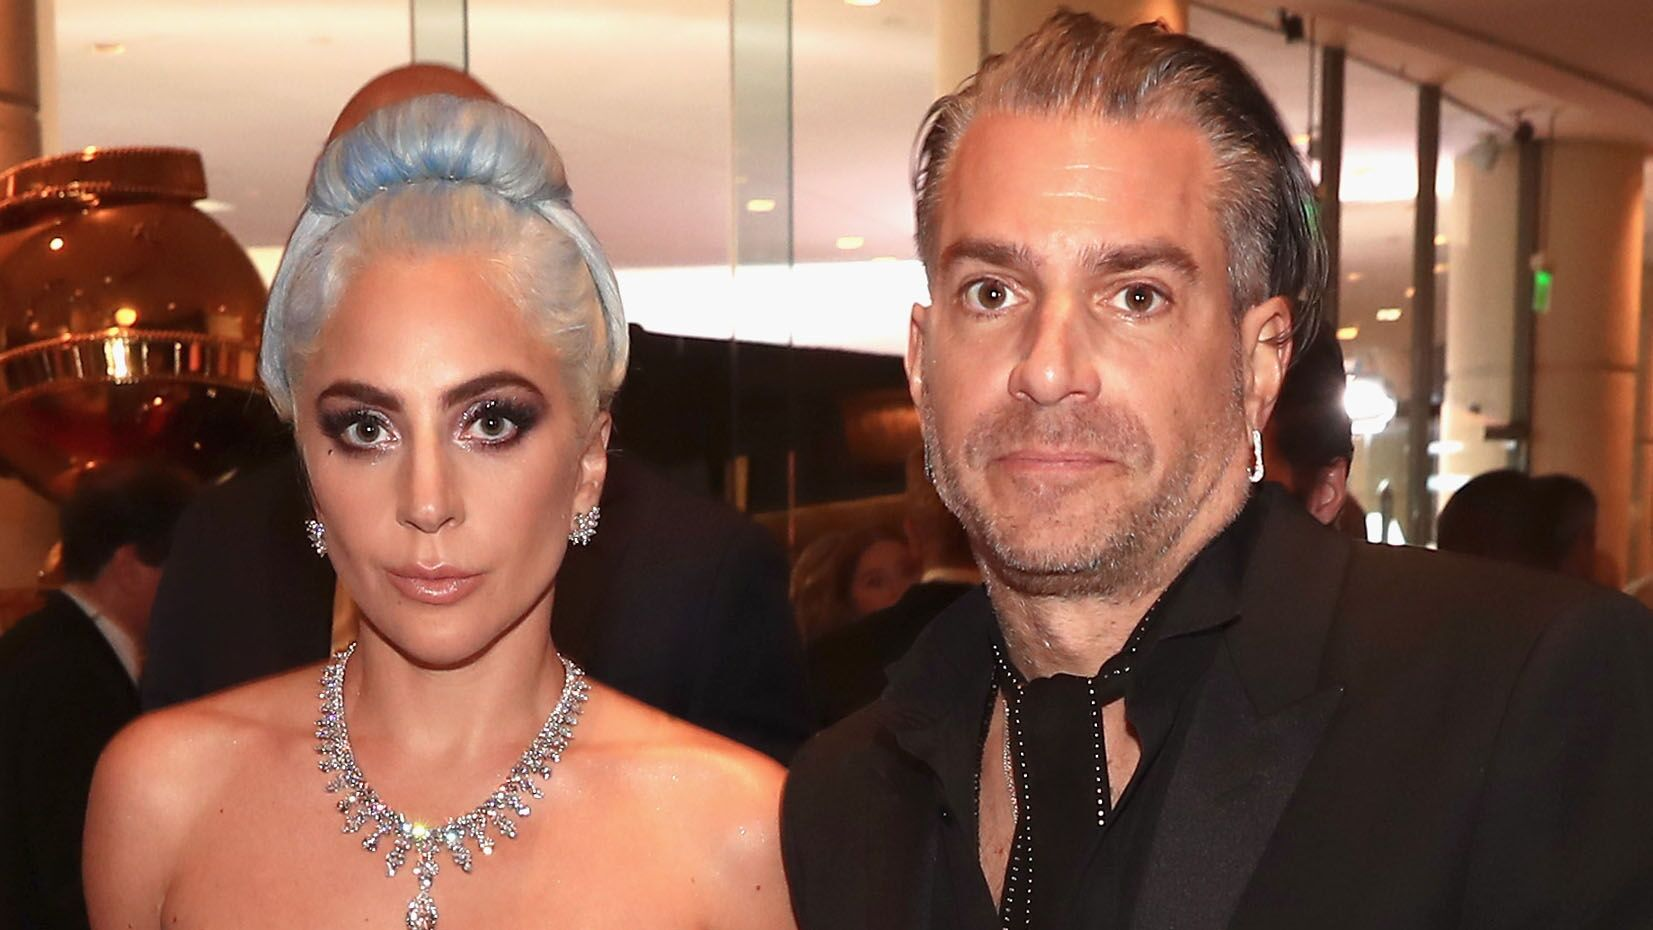 Lady Gaga : le gros défaut de Christian Carino qui l'a poussée à rompre